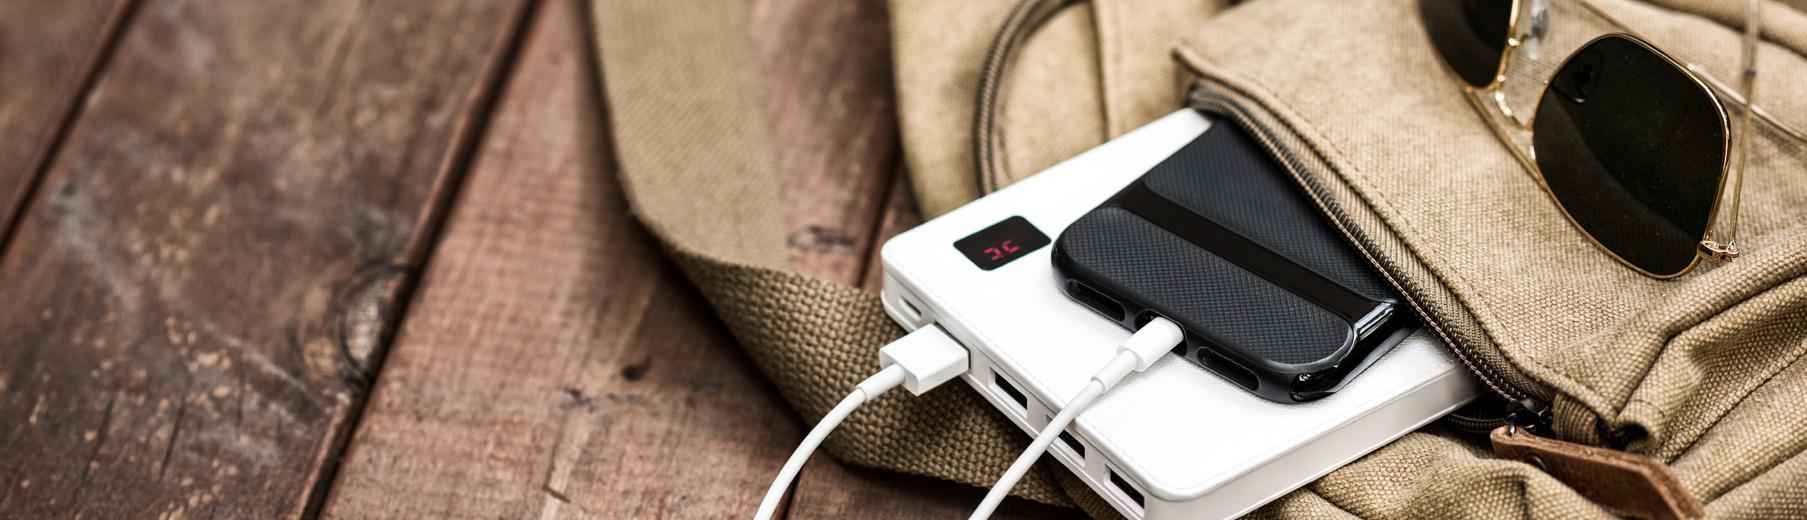 Το powerbank είναι ένα απο τα πιο χρήσιμα travel gadgets